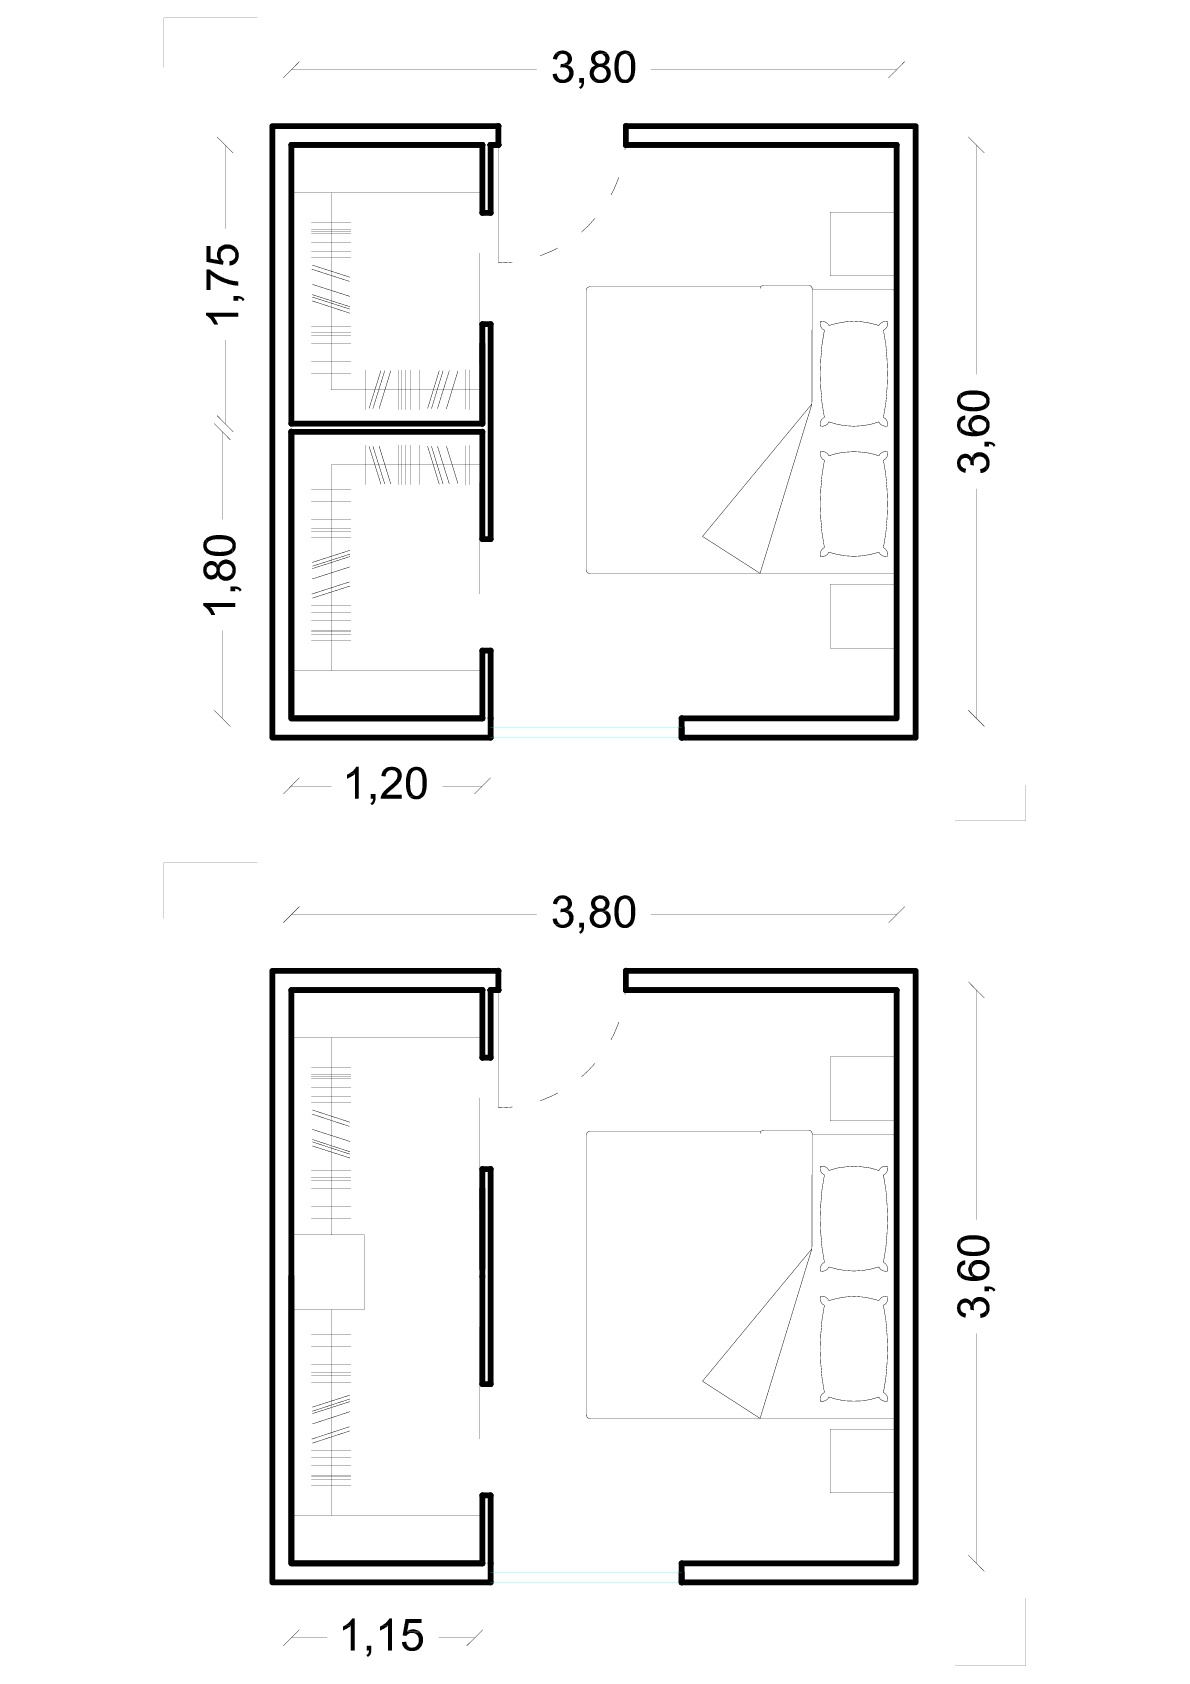 La cabina armadio dimensioni minime ed esempi ferdoge costruzioni - Misure cabine armadio ...